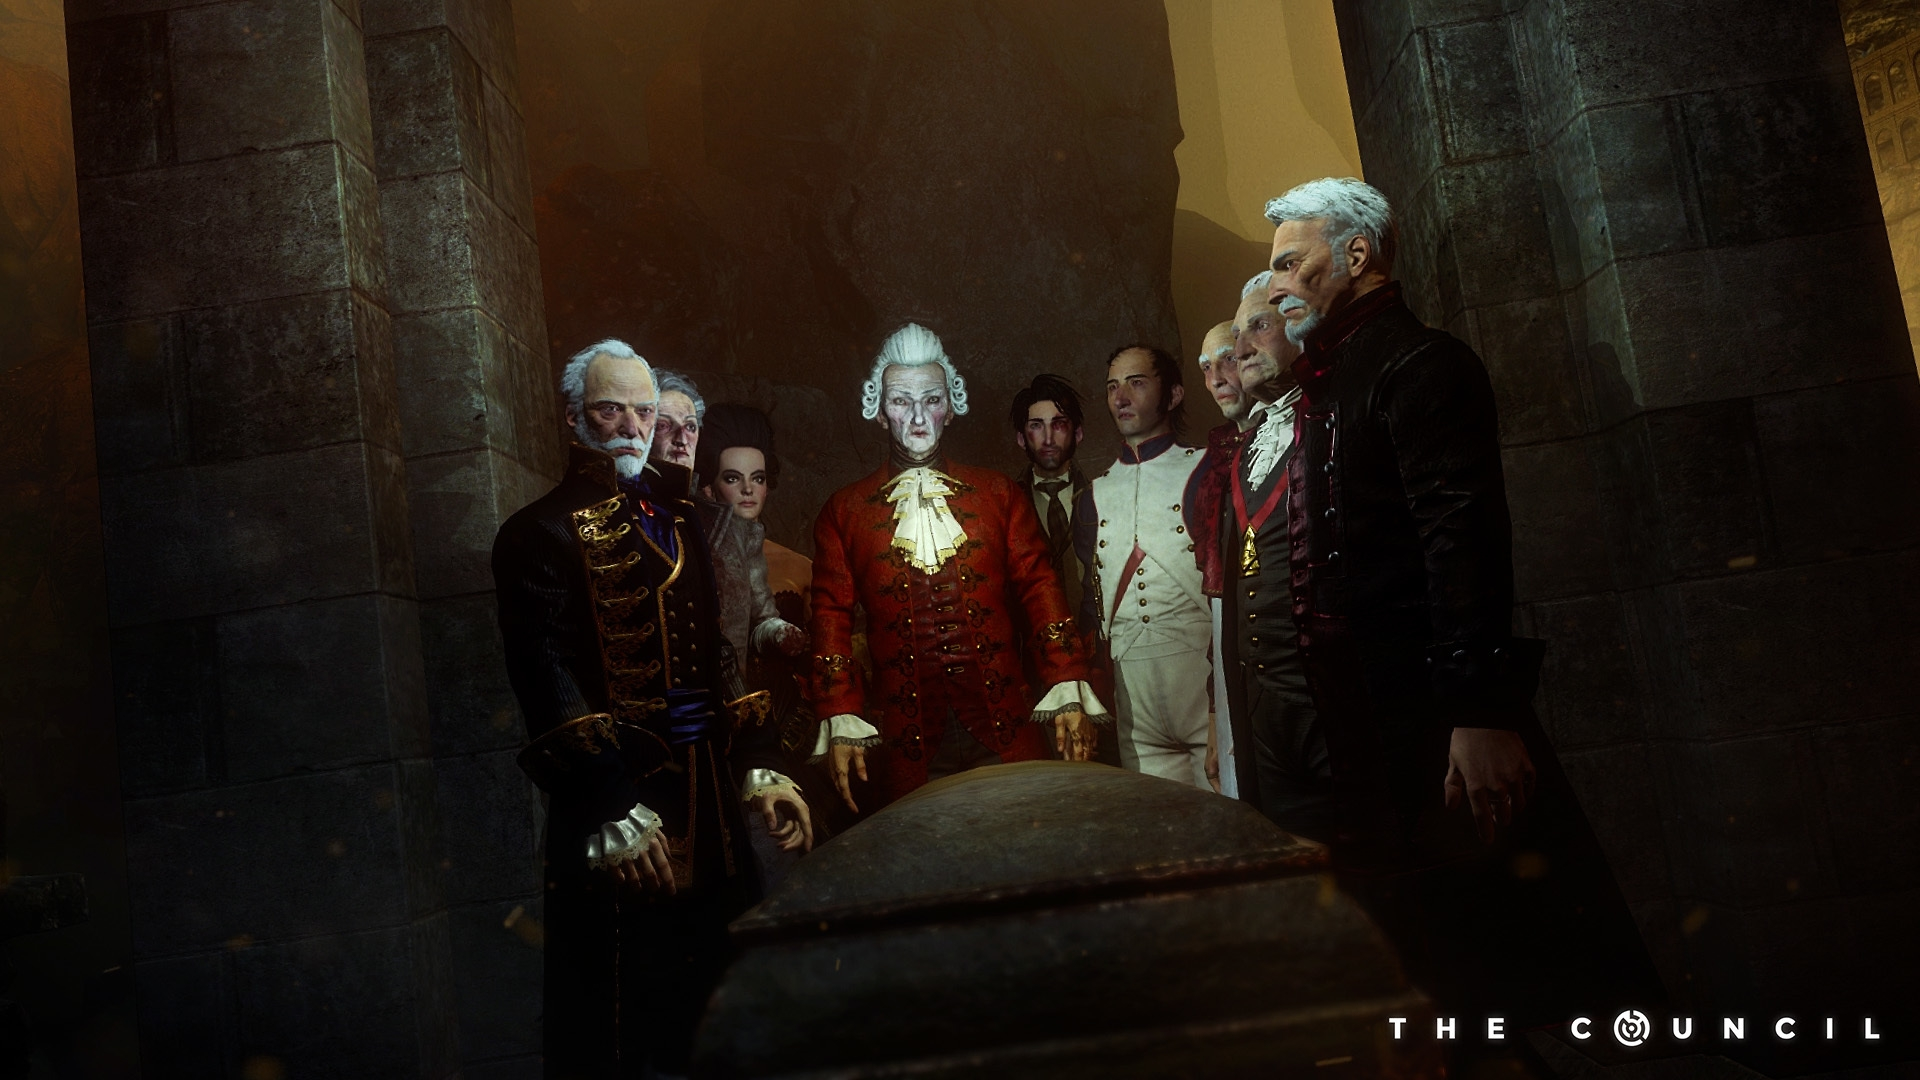 The Council Рецензия на игру